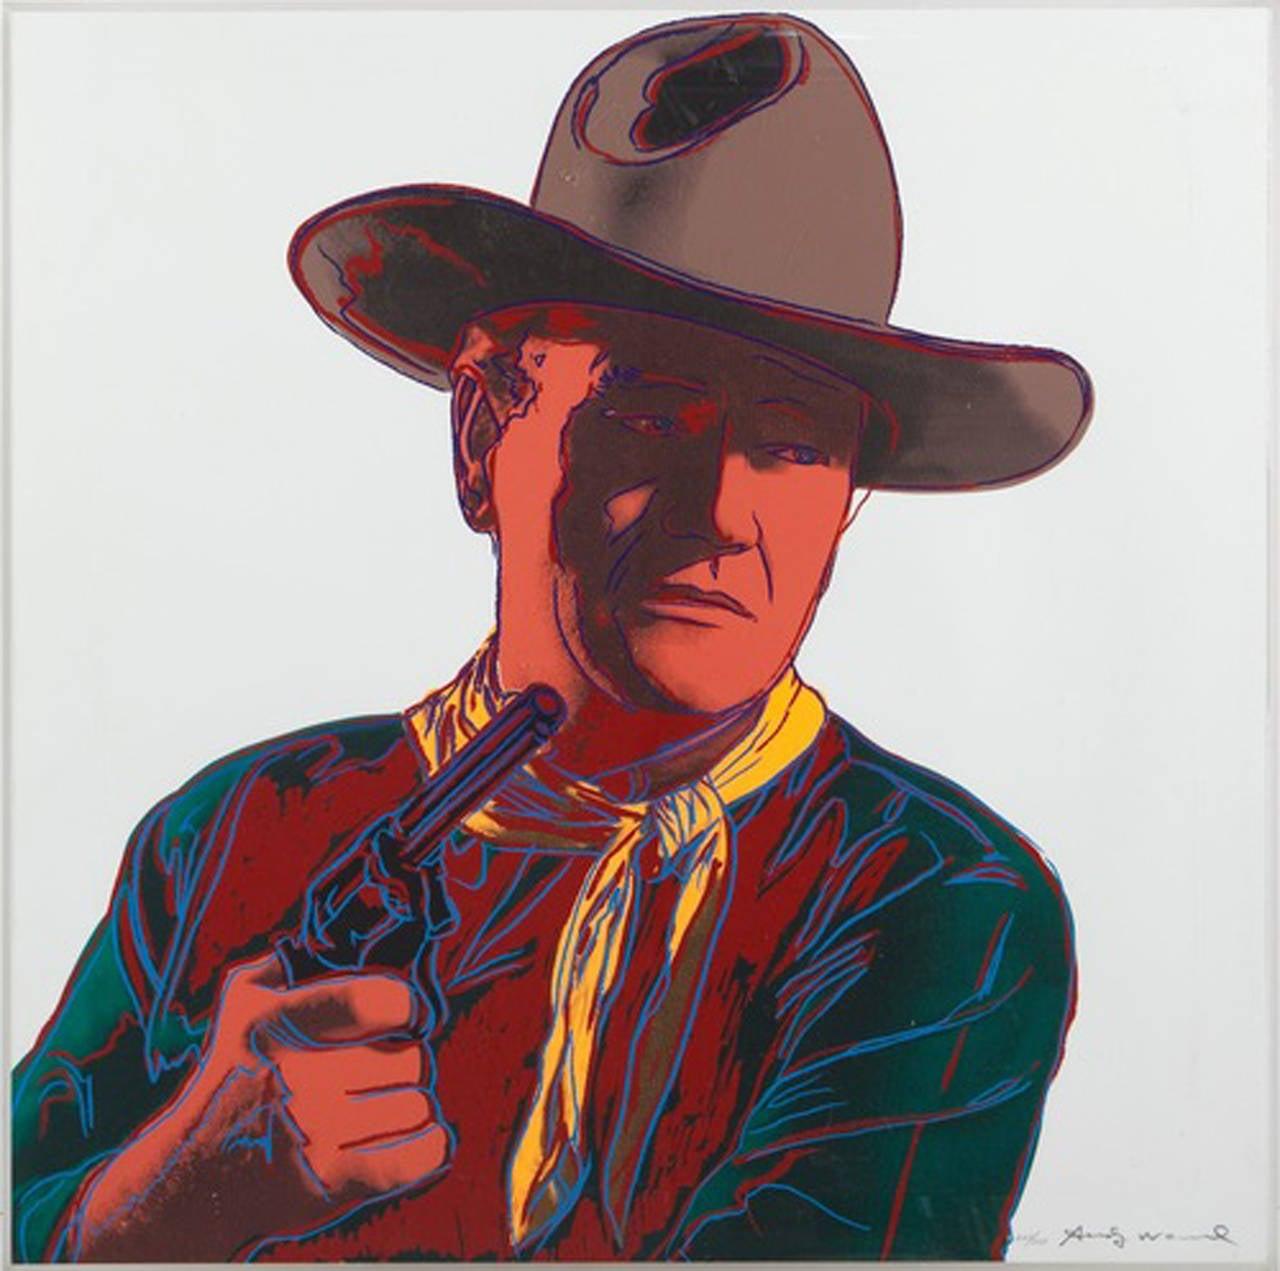 John Wayne, IIB. 377